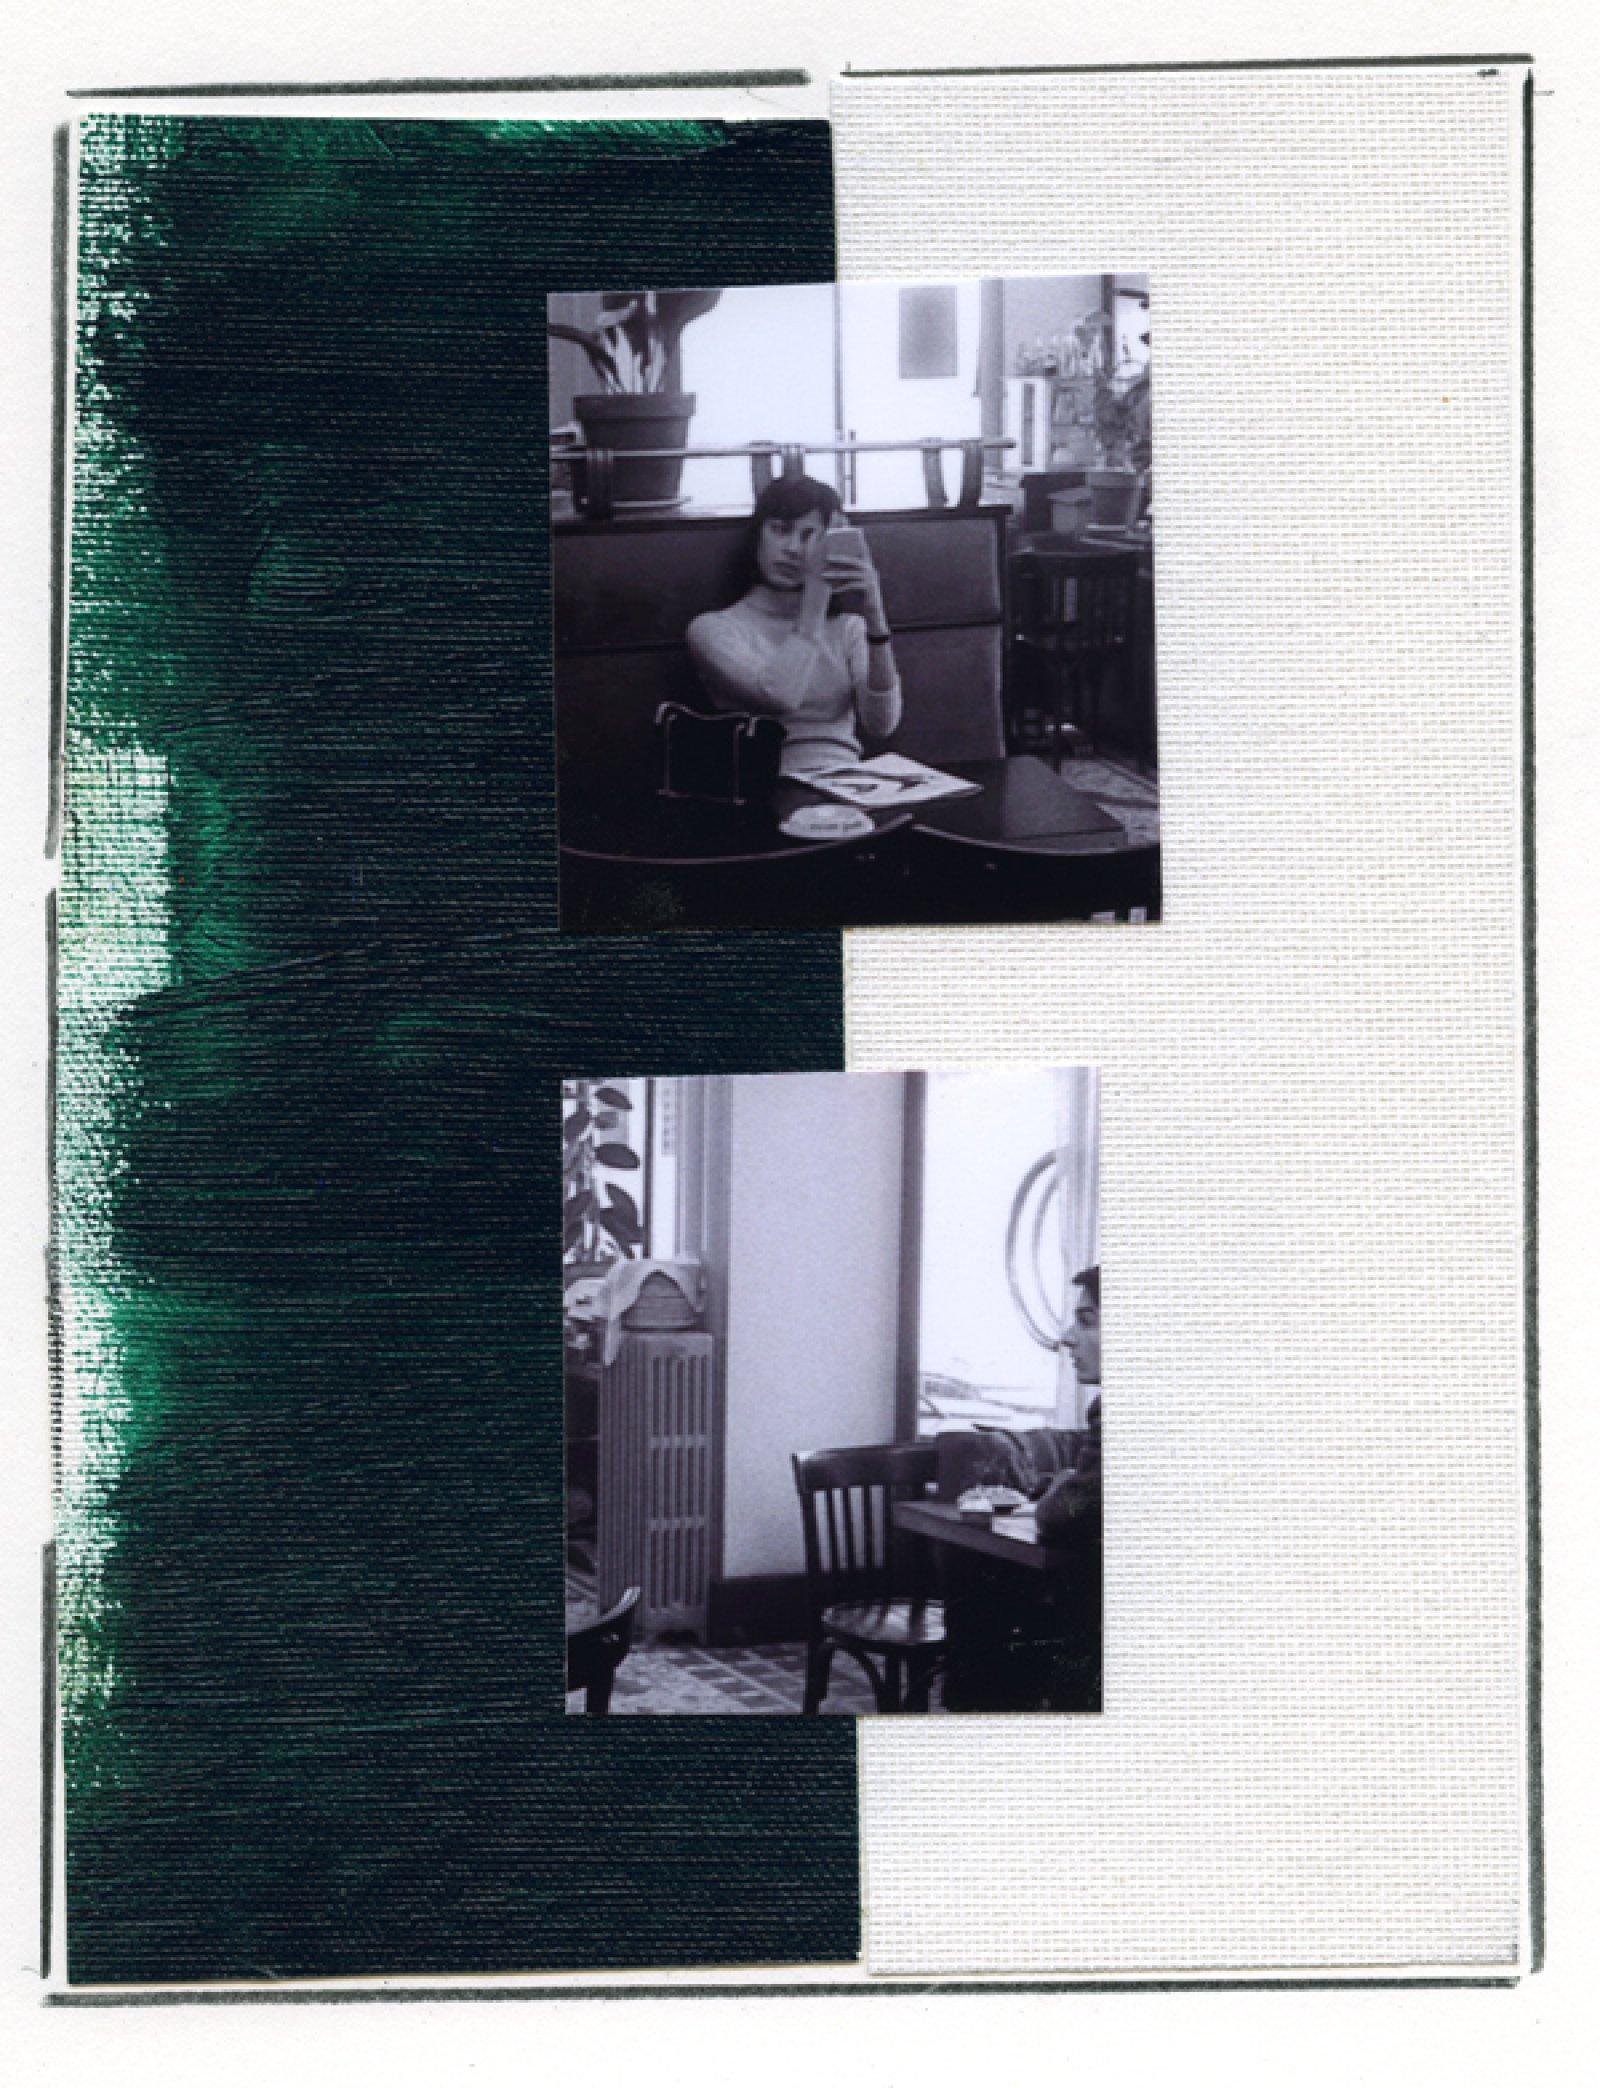 Ian Wallace, Enlarged Inkjet Study for Masculin/Féminin I, 2010, inkjet print, 47 x 35 in. (119 x 89 cm)   by Ian Wallace